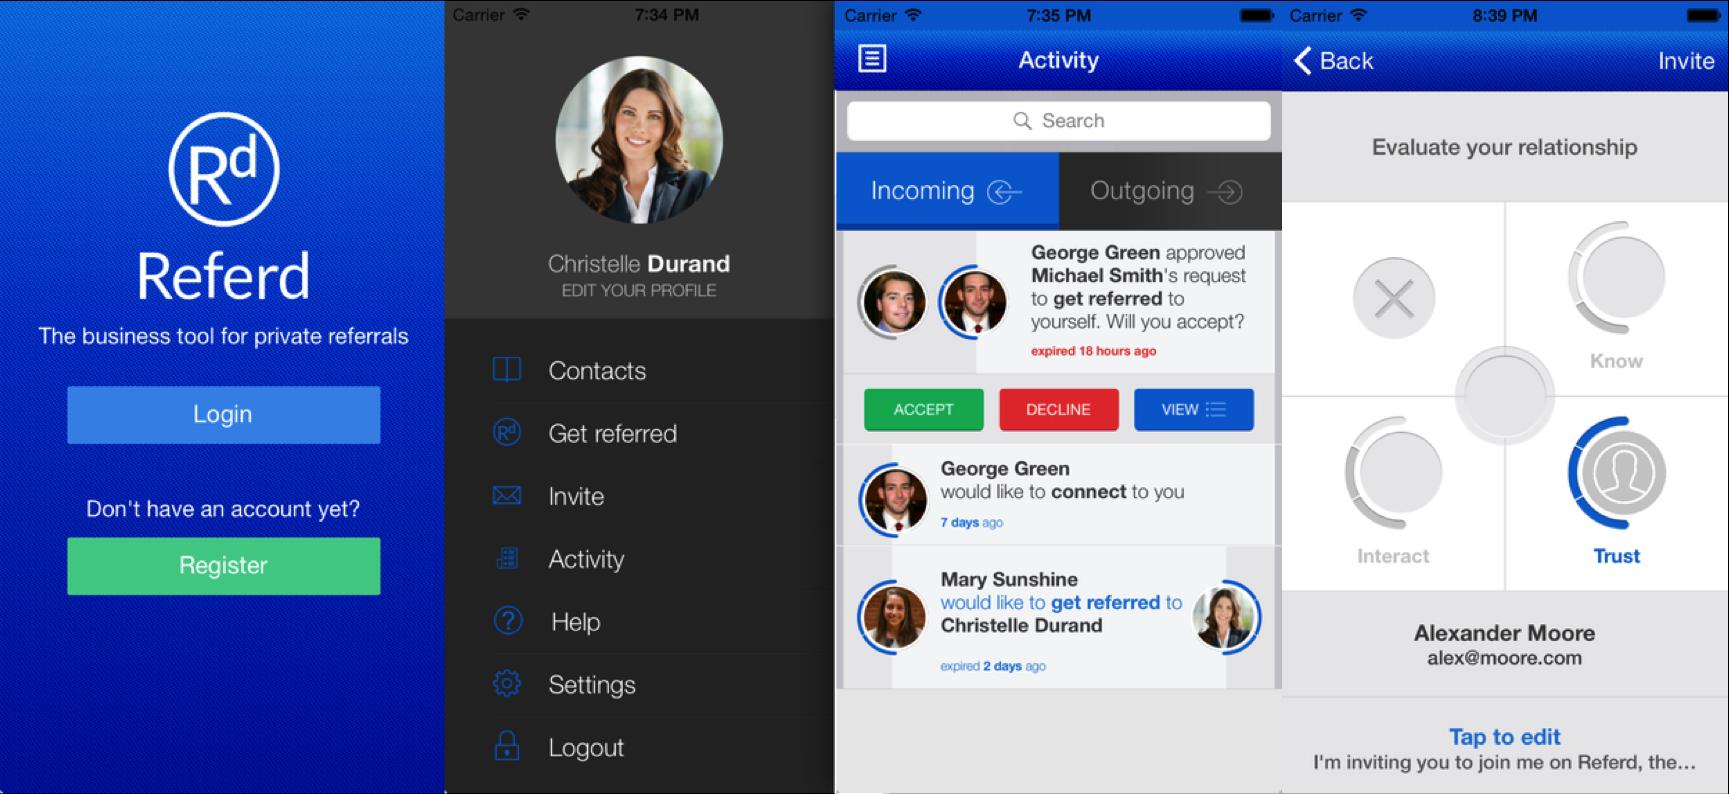 Referd app screens